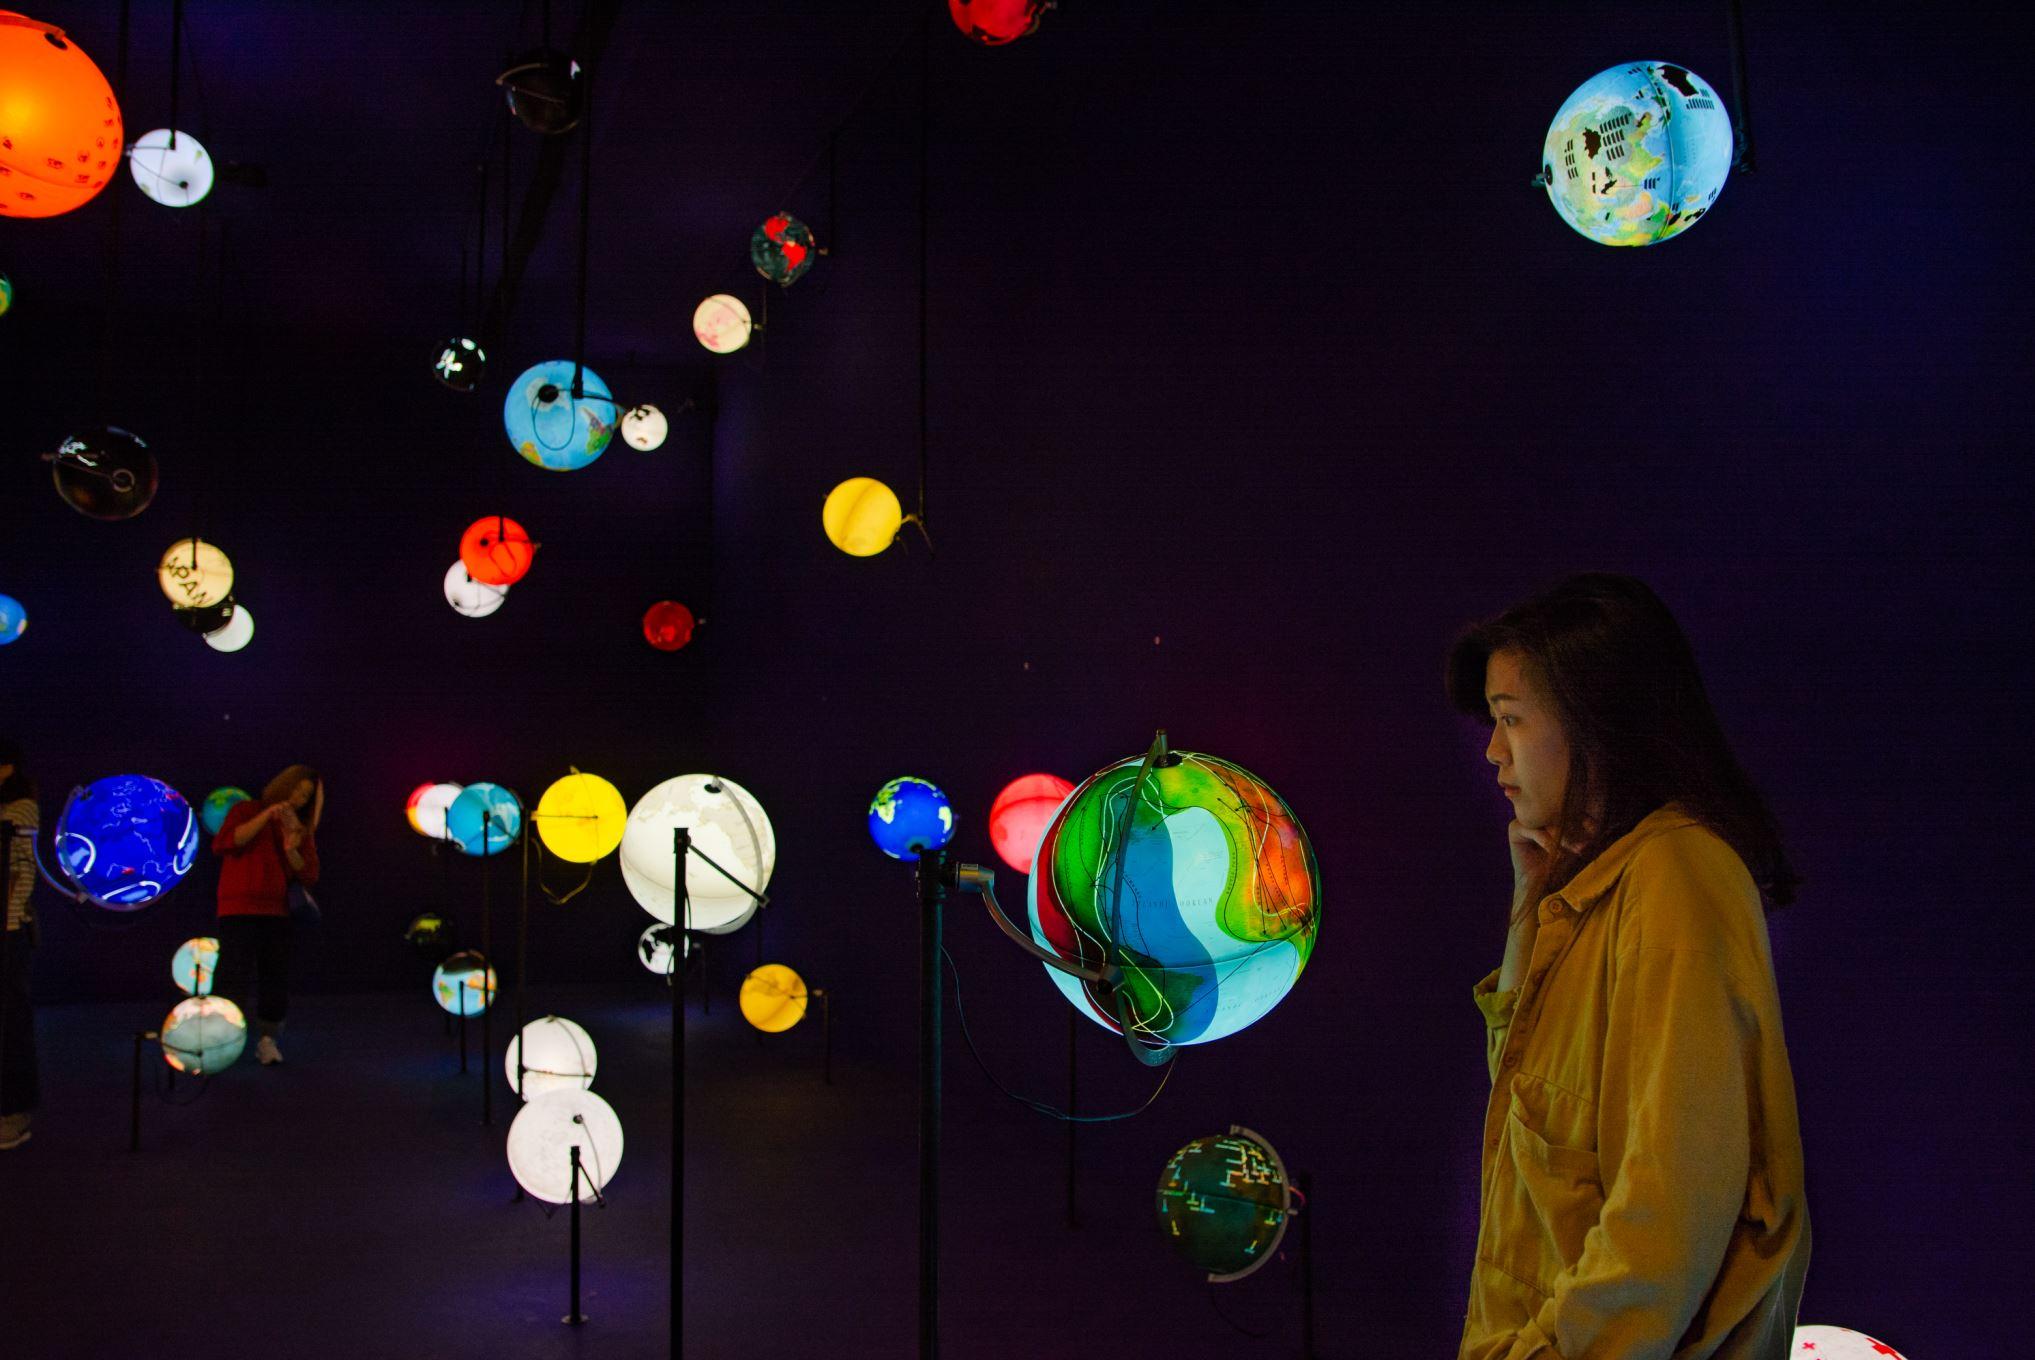 【台北雙年展】走一趟北美館,雙年展不只好拍好看,更能跨越學科啟發你我思考